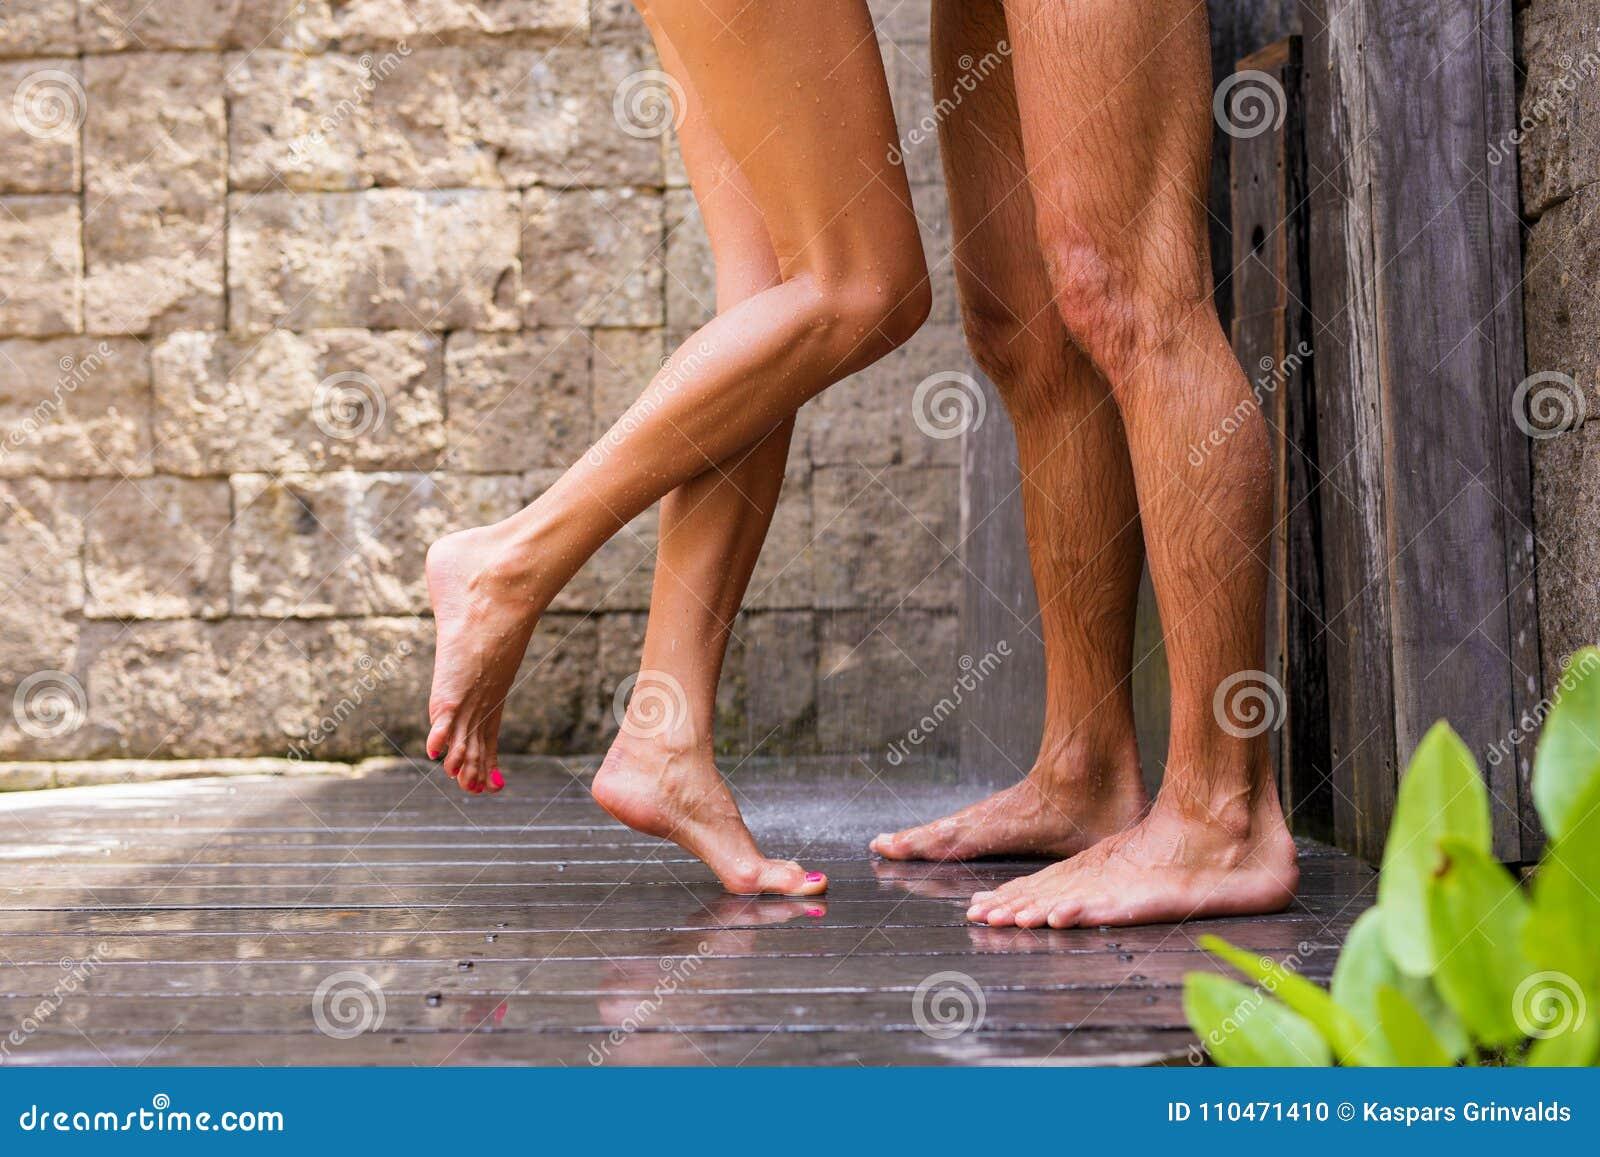 sexe dans les douches